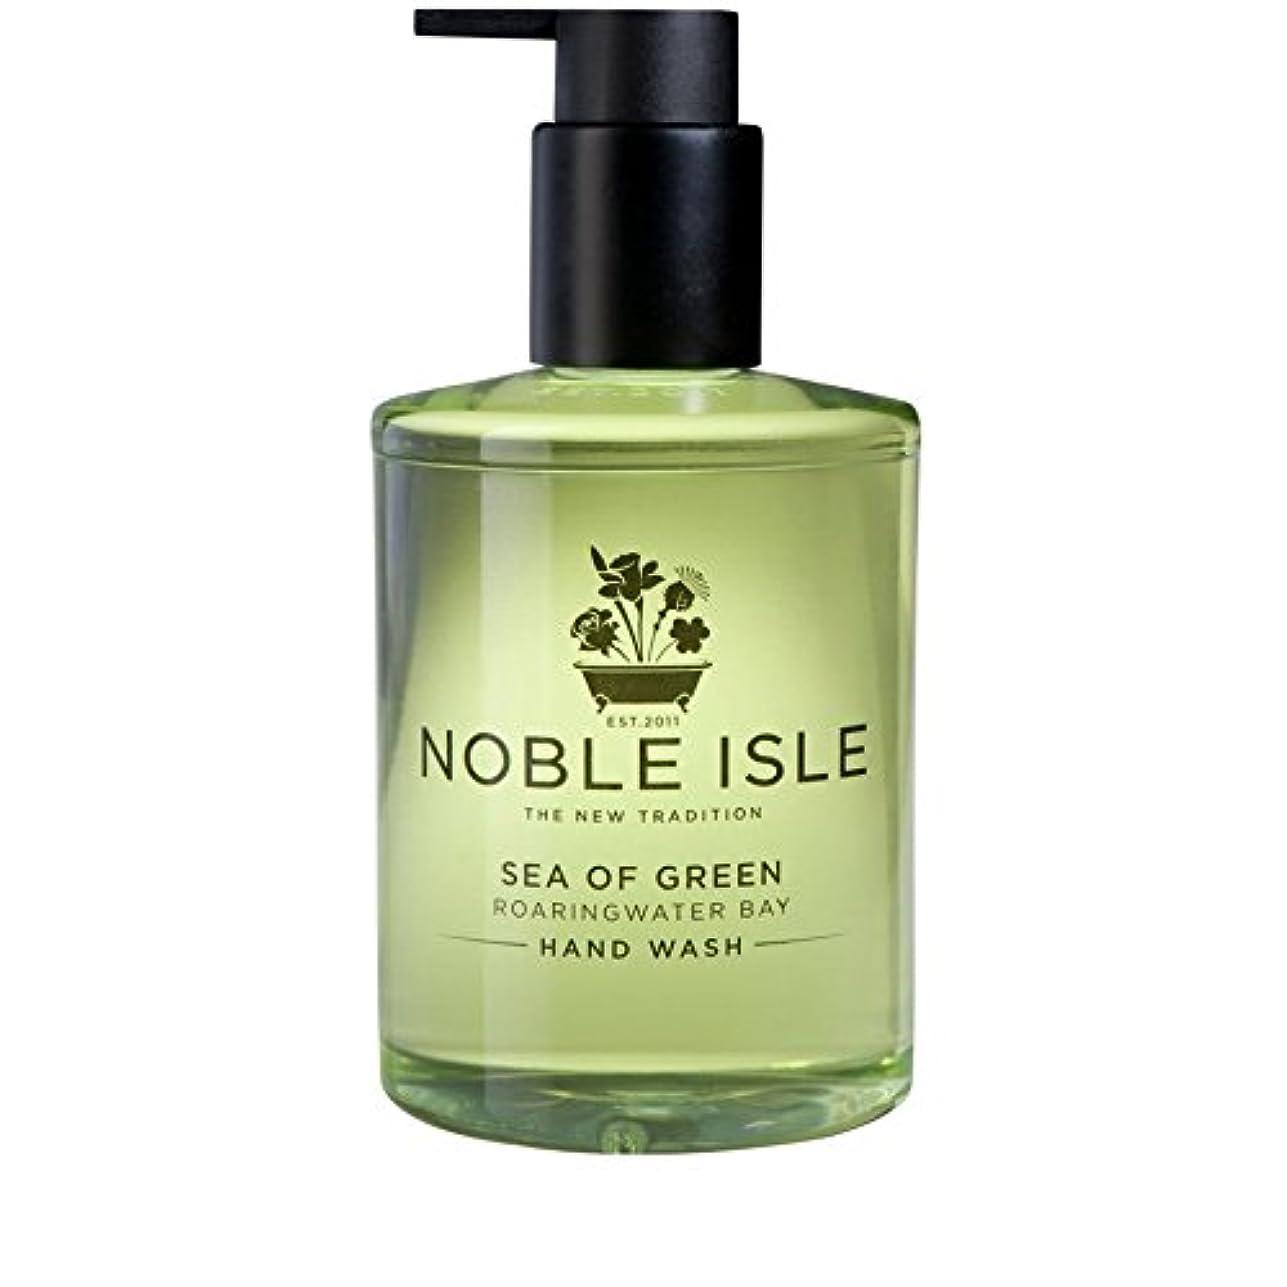 物思いにふけるボルトピラミッド緑ベイハンドウォッシュ250ミリリットルの高貴な島の海 x2 - Noble Isle Sea of Green Roaringwater Bay Hand Wash 250ml (Pack of 2) [並行輸入品]